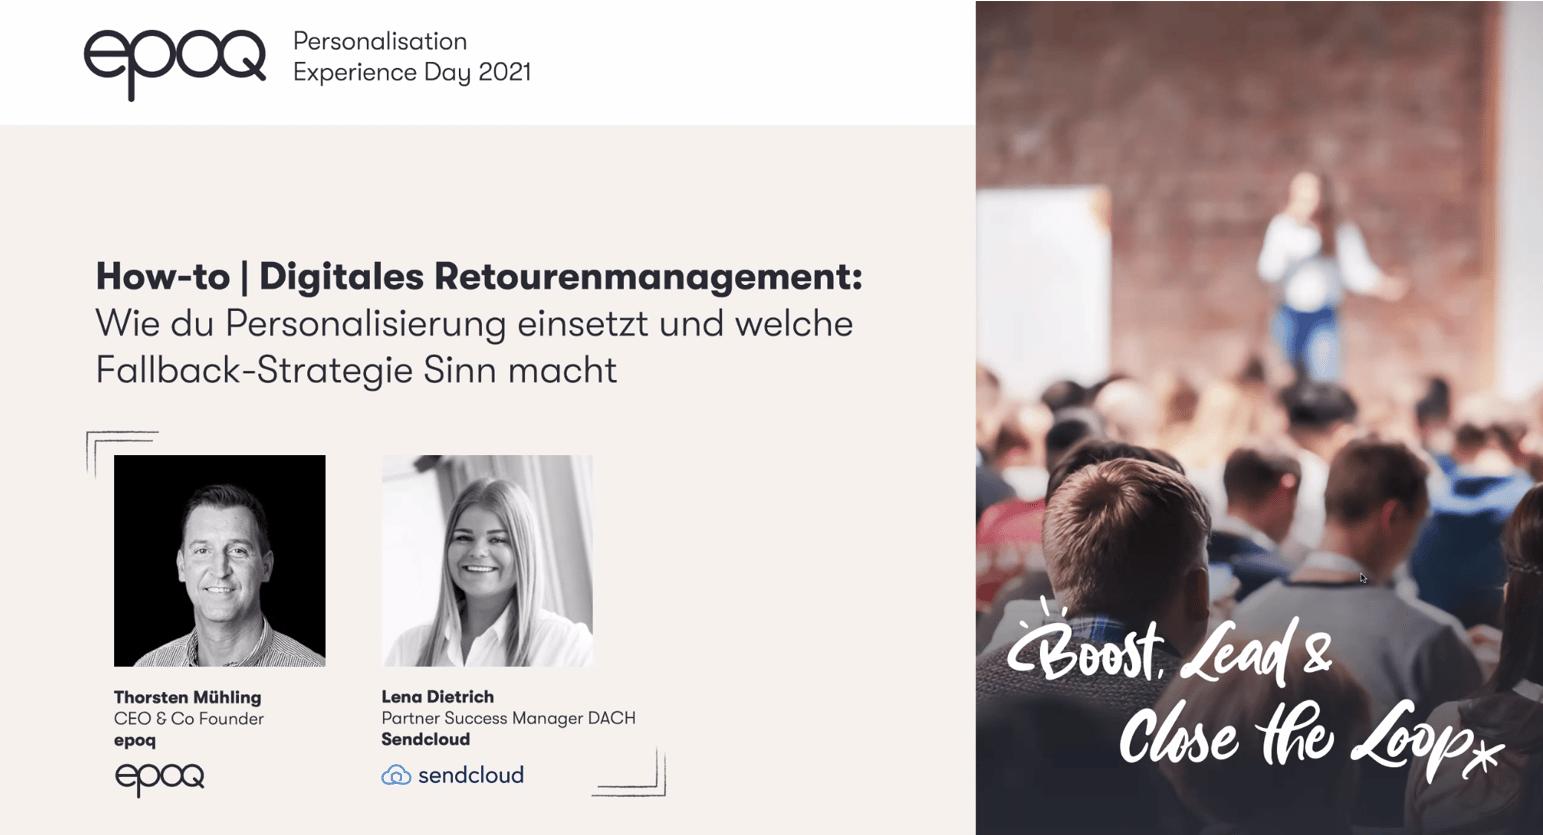 """Auf dem Bild sind Speaker des Slots """"How-to   Digitales Retourenmanagement: Wie du Personalisierung einsetzt und welche Fallback-Strategie Sinn macht"""" des epoq Personalisation Experience Day 2021 zu sehen"""